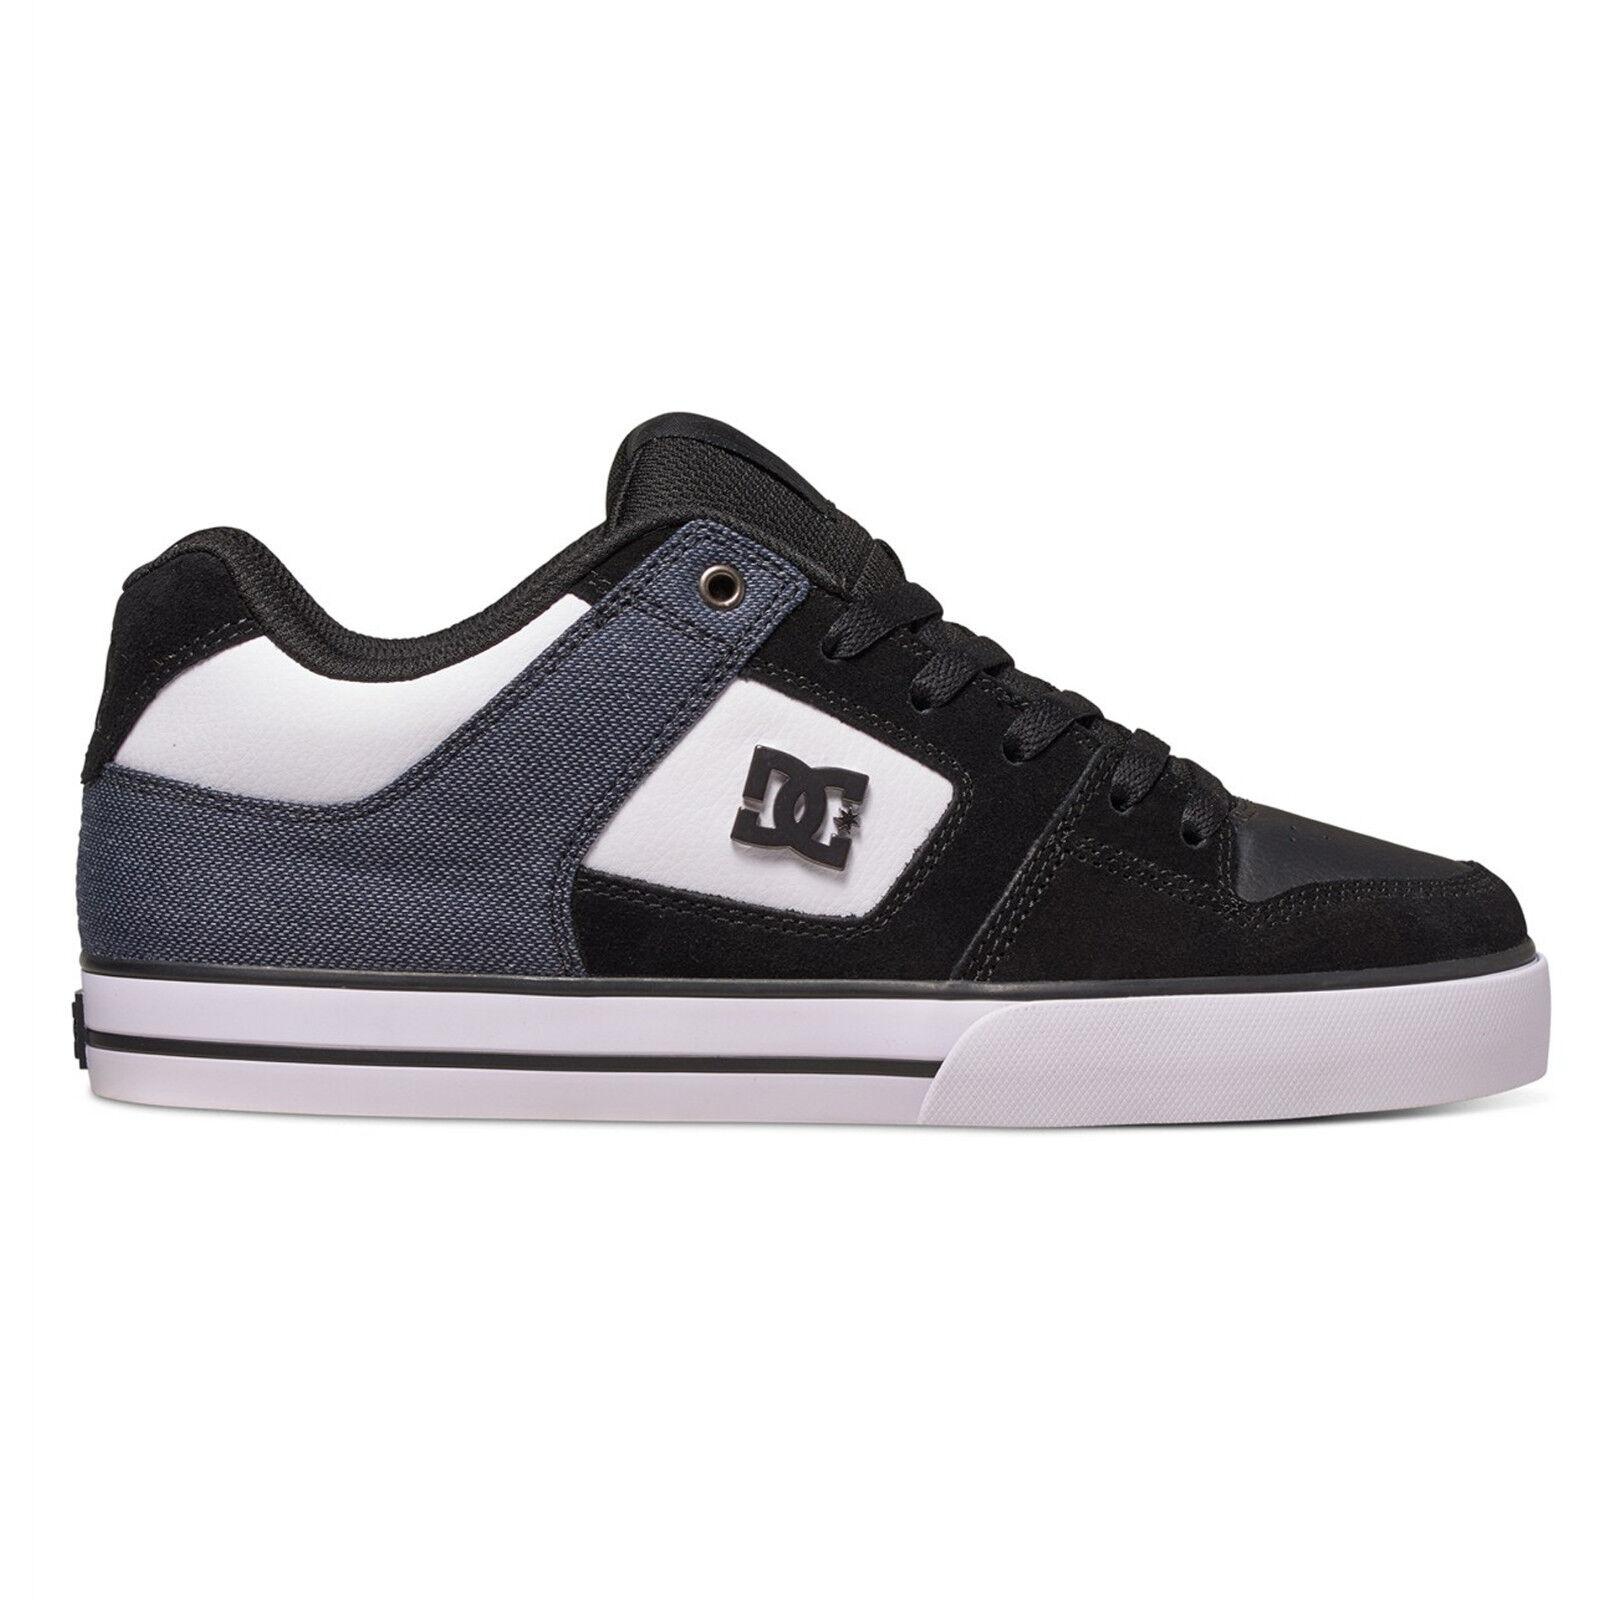 636102291efabf DC pure se BKW Low top chaussures skate chaussure Basket Basket Basket  Chaussure s skater Chaussure Black Grey | Nous Avons Gagné Les éloges De  Clients | De ...